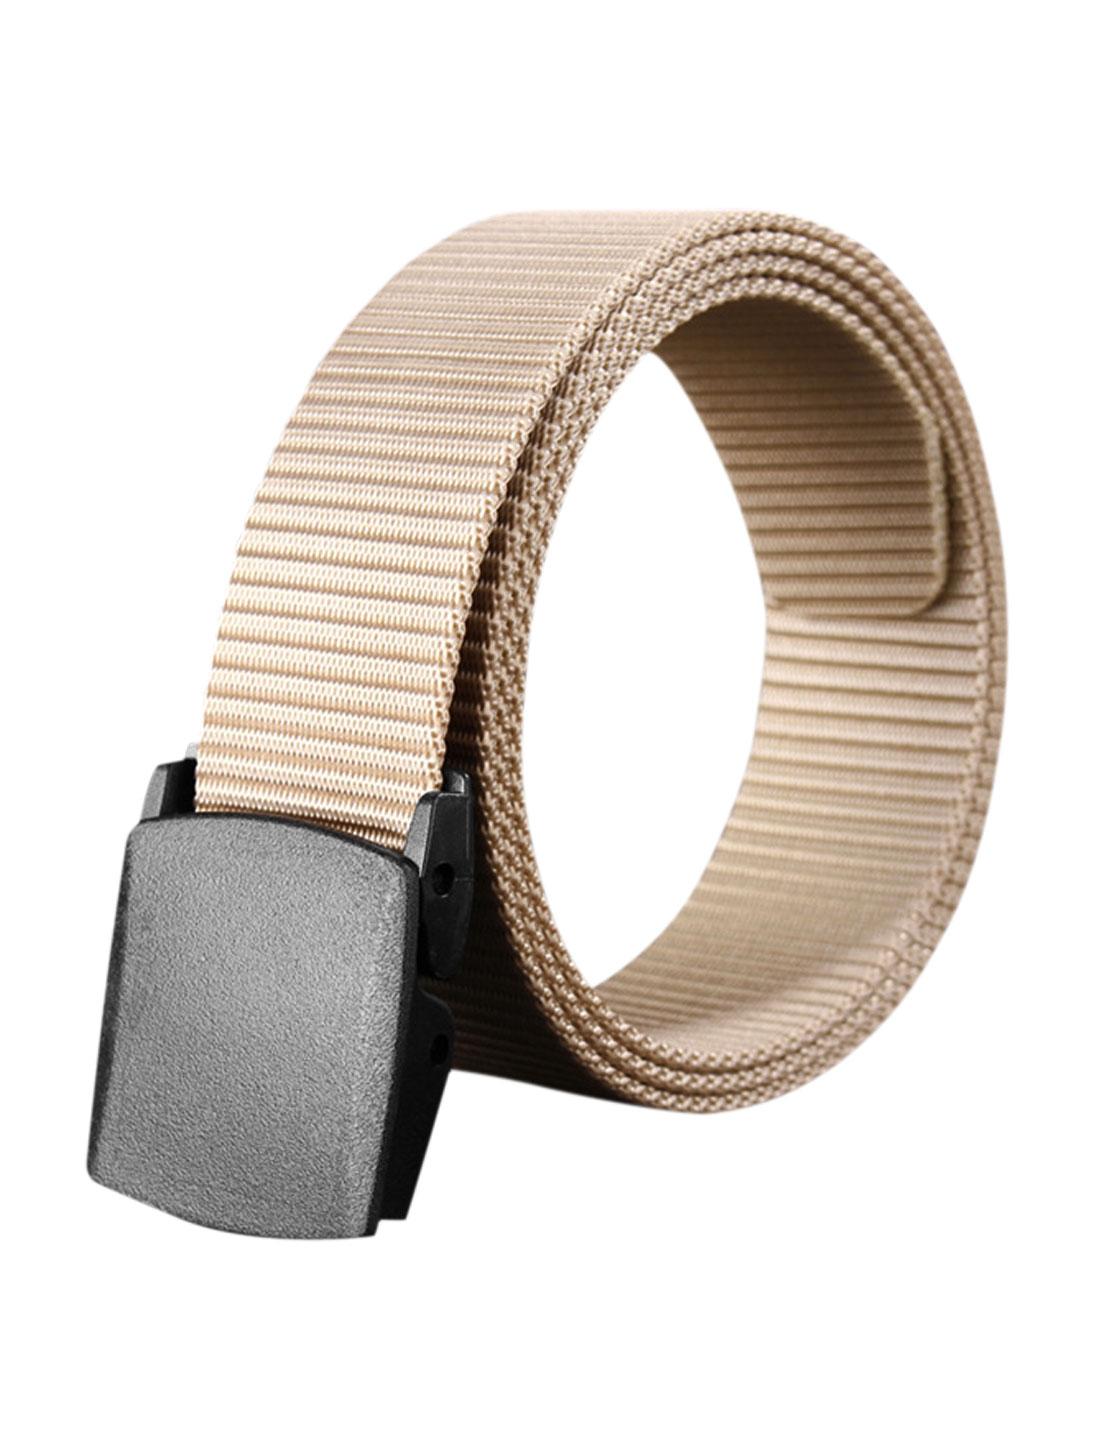 Unisex Plastic Buckle Adjustable Military Canvas Belt Beige